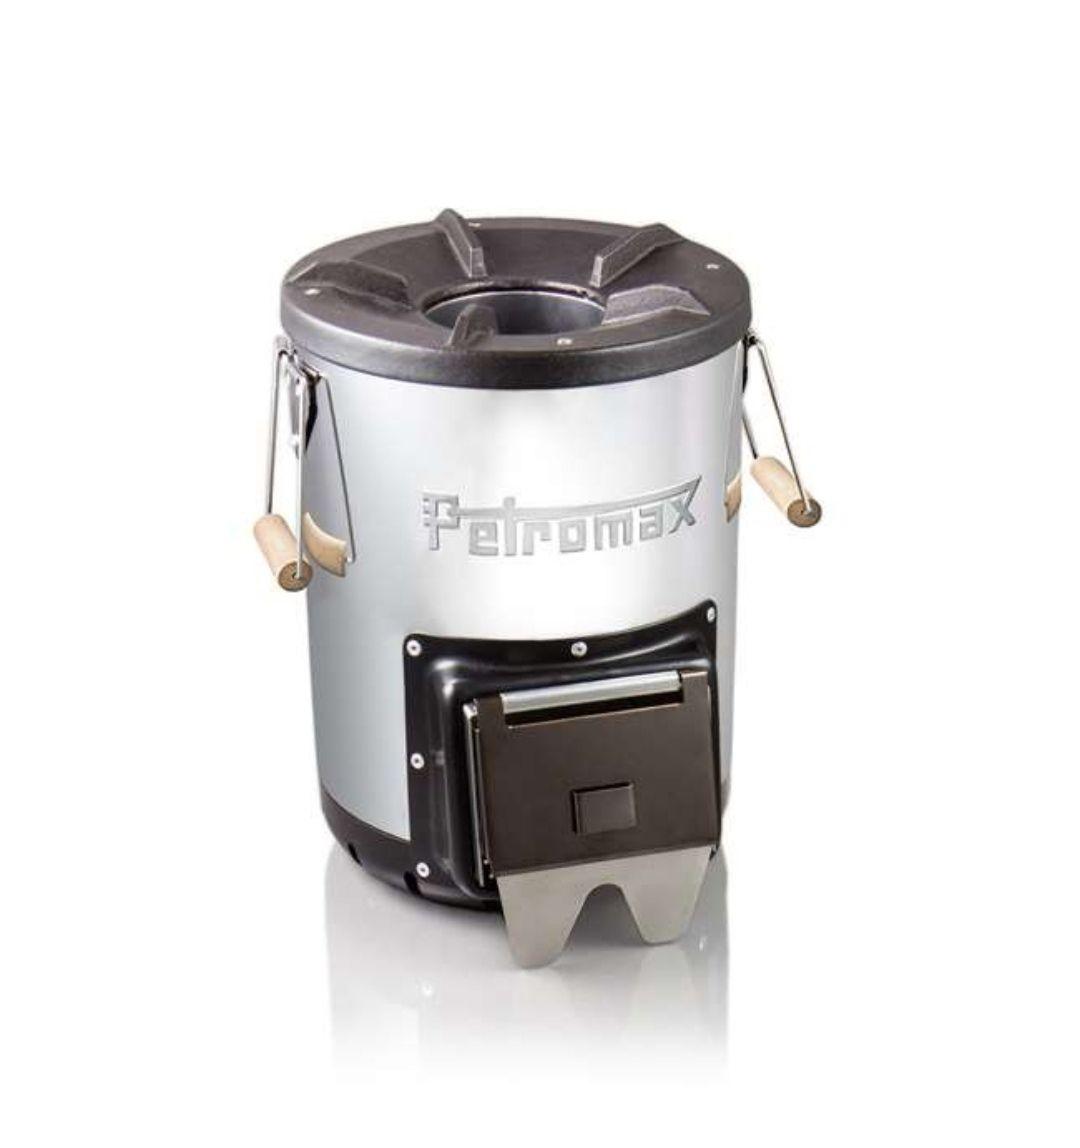 Petromax RF33 Raketenofen für Dutch Oven, kochen, braten - ab 100 EUR versandkostenfrei